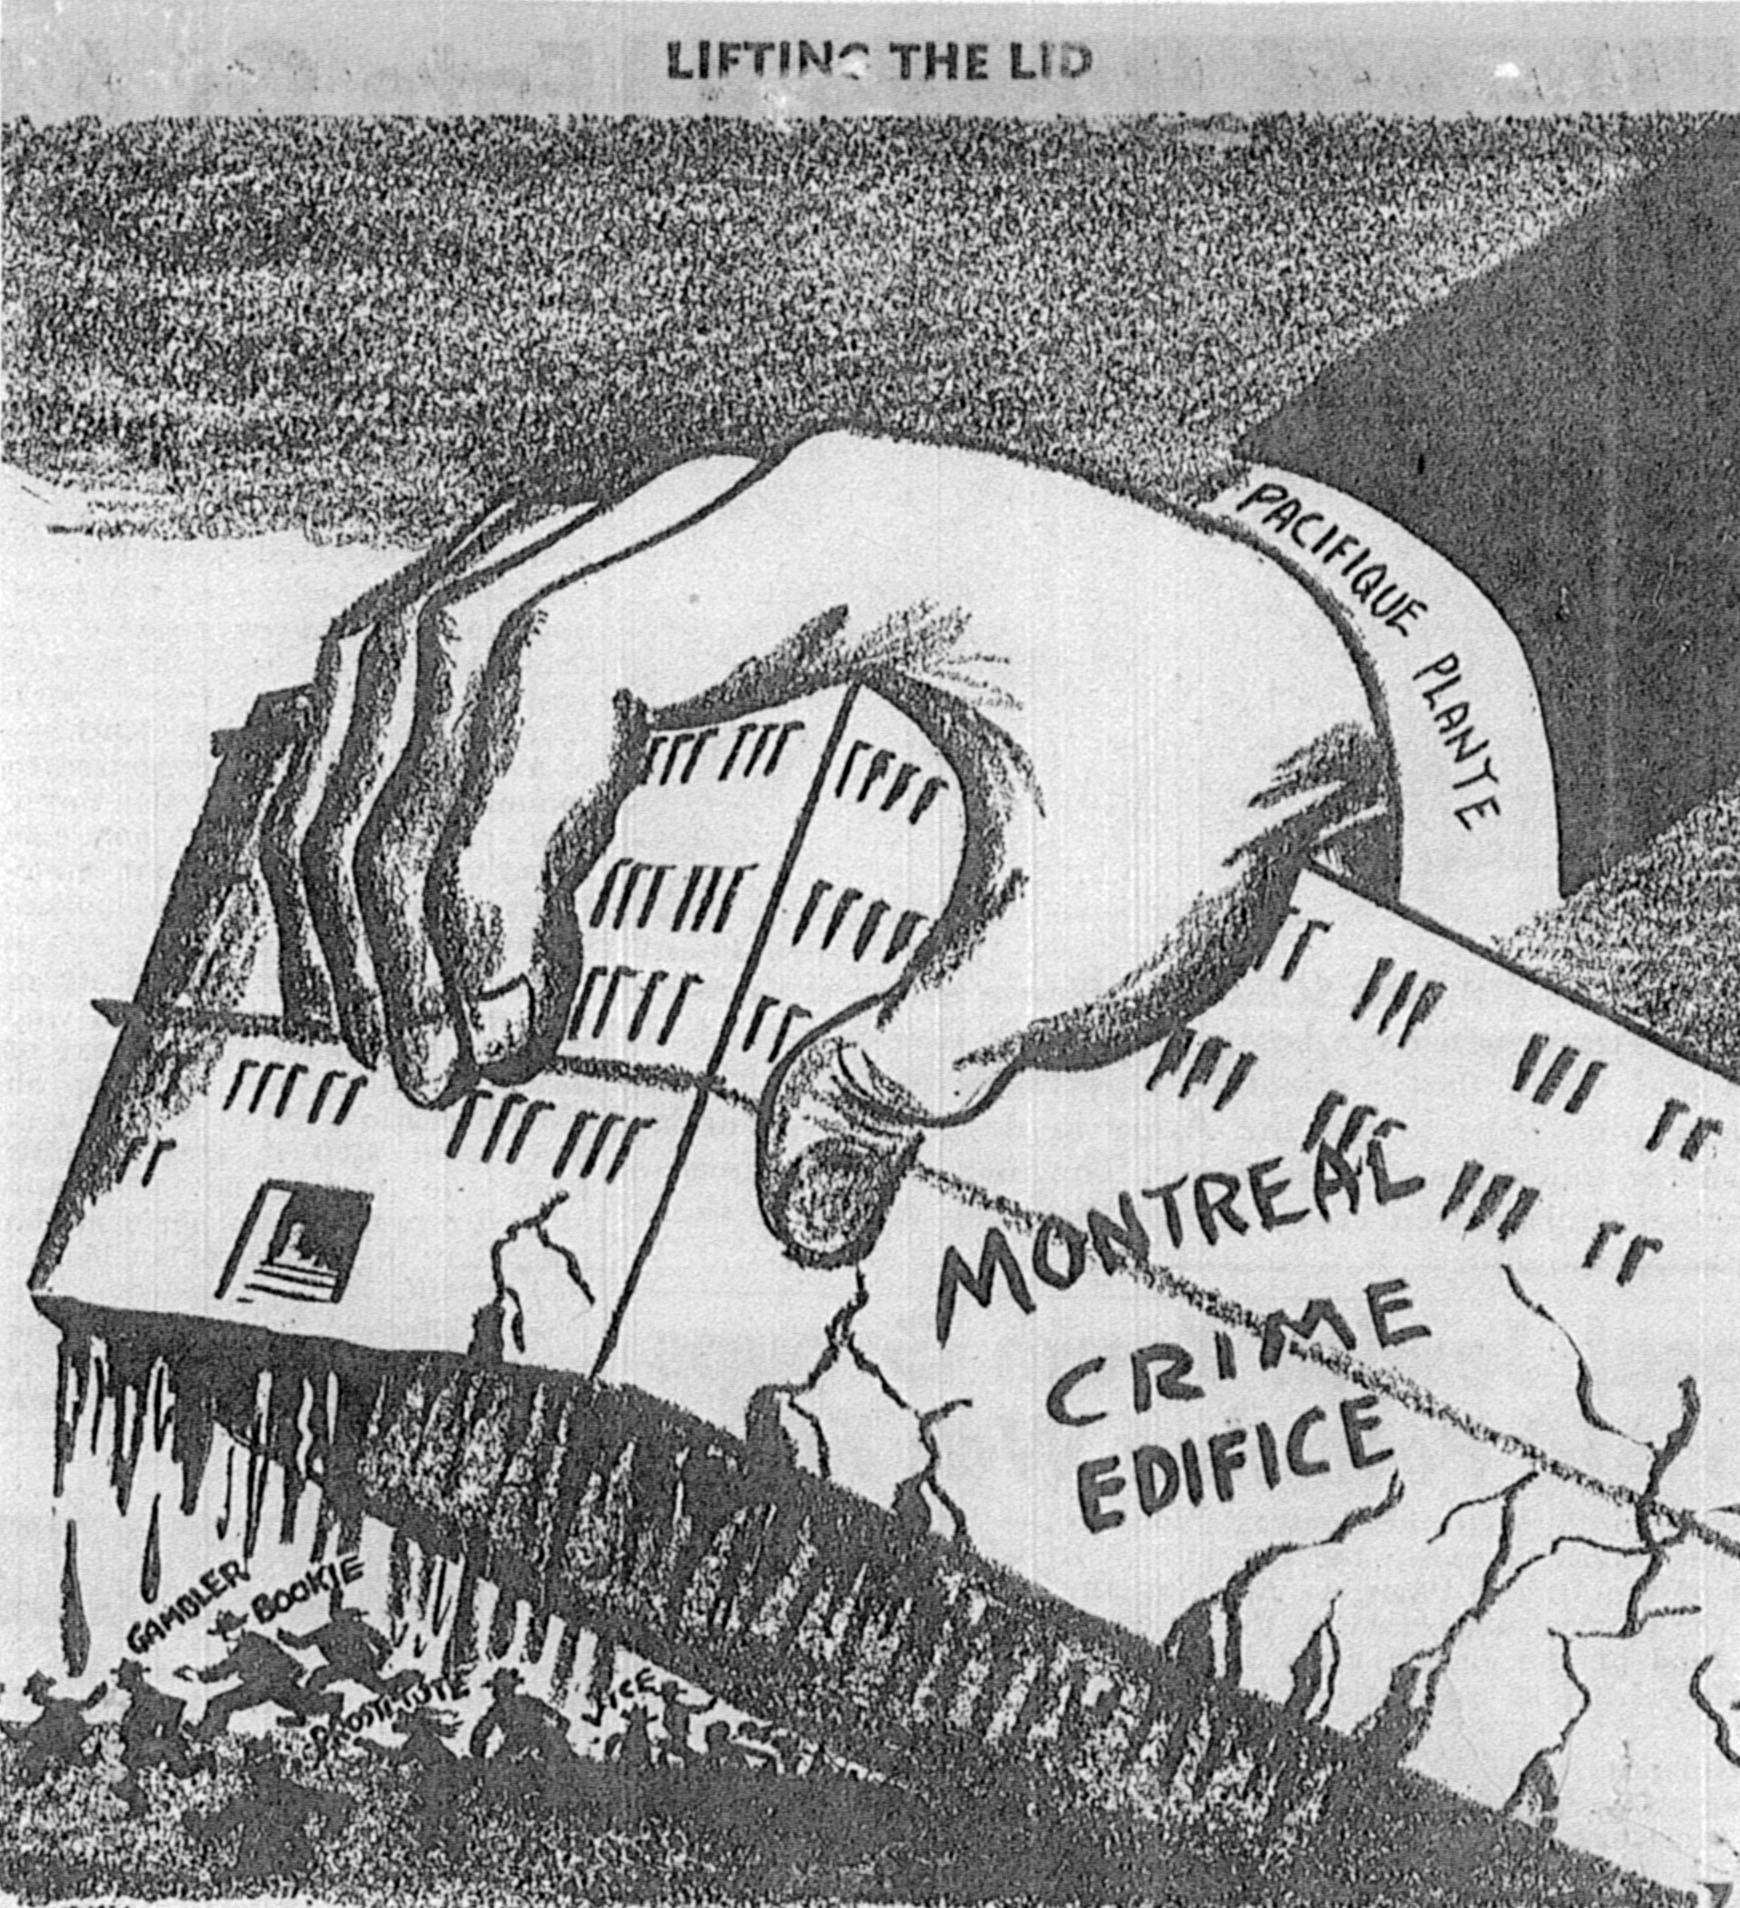 Caricature montrant une main énorme, identifiée comme celle de Pacifique Plante, qui soulève l'édifice du crime, sous lequel se trouvent plusieurs petits personnages qui fuient.